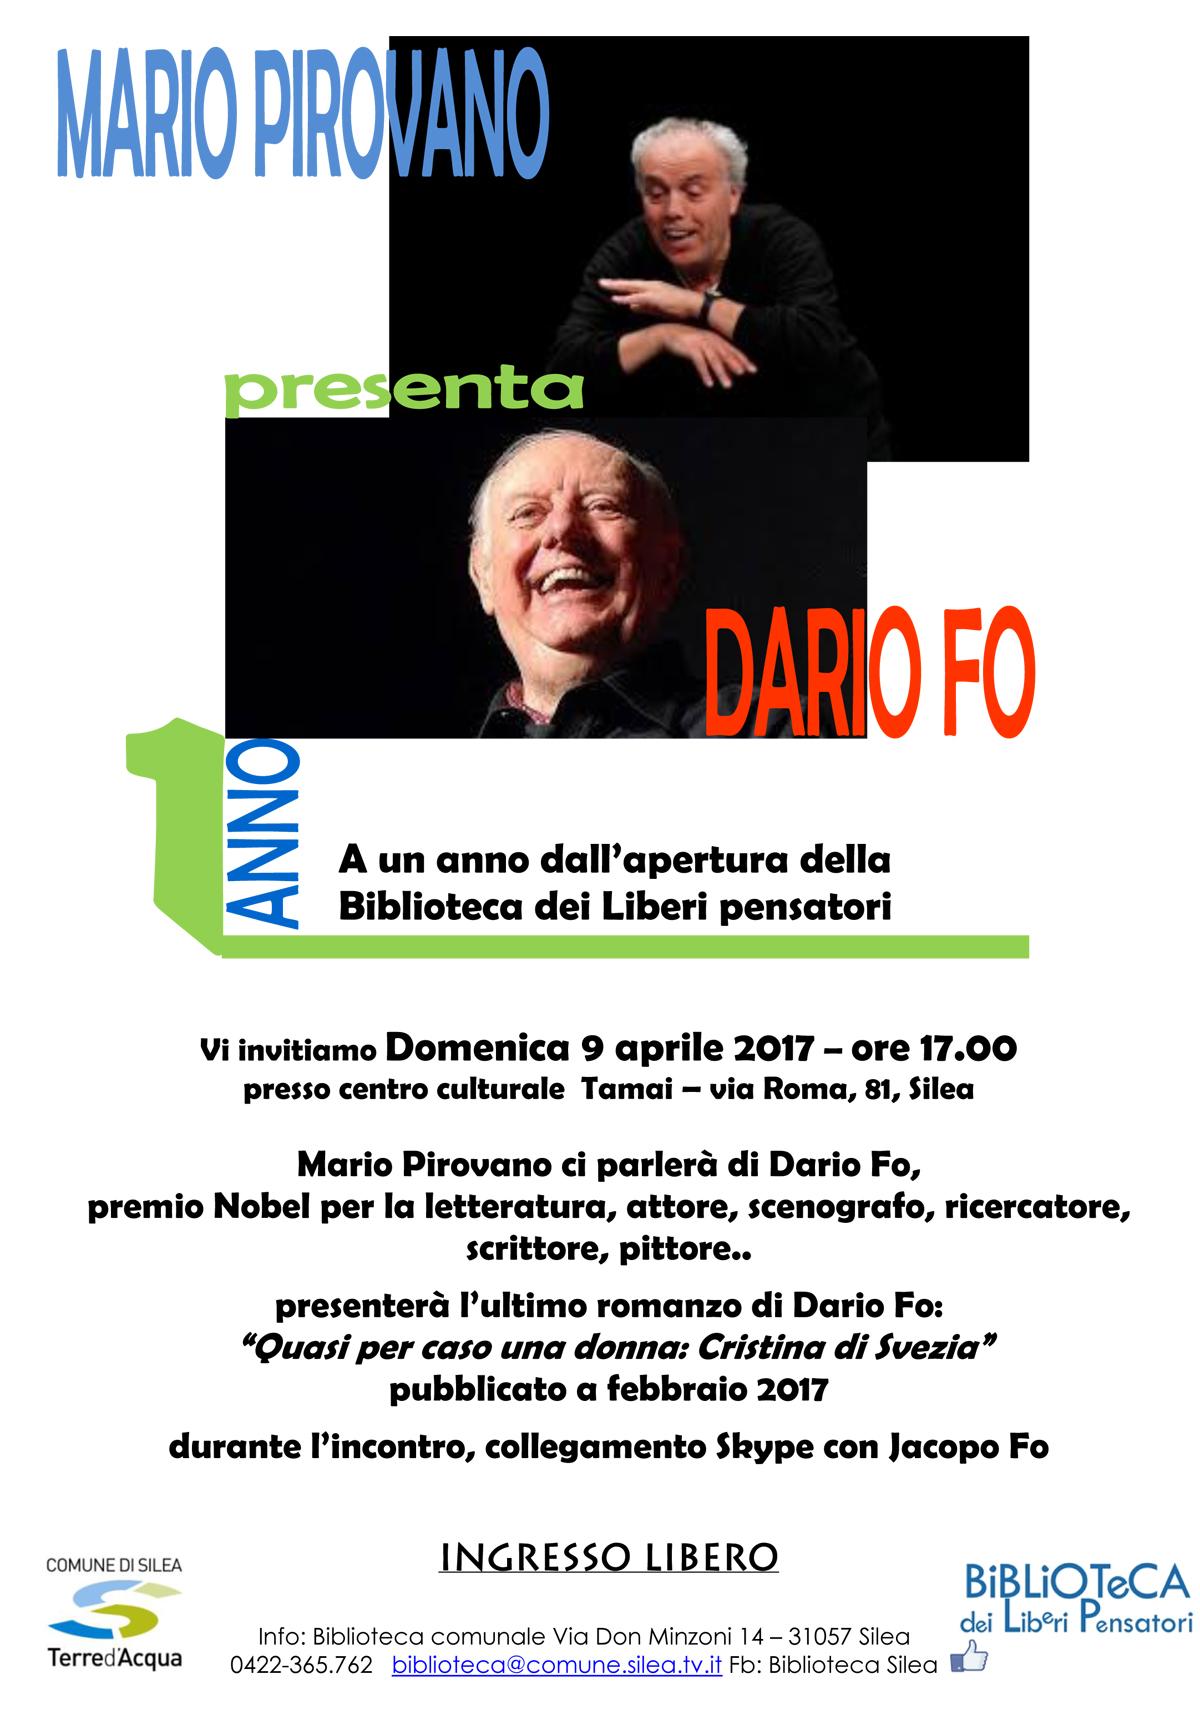 Mario Pirovano racconta Dario Fo Silea